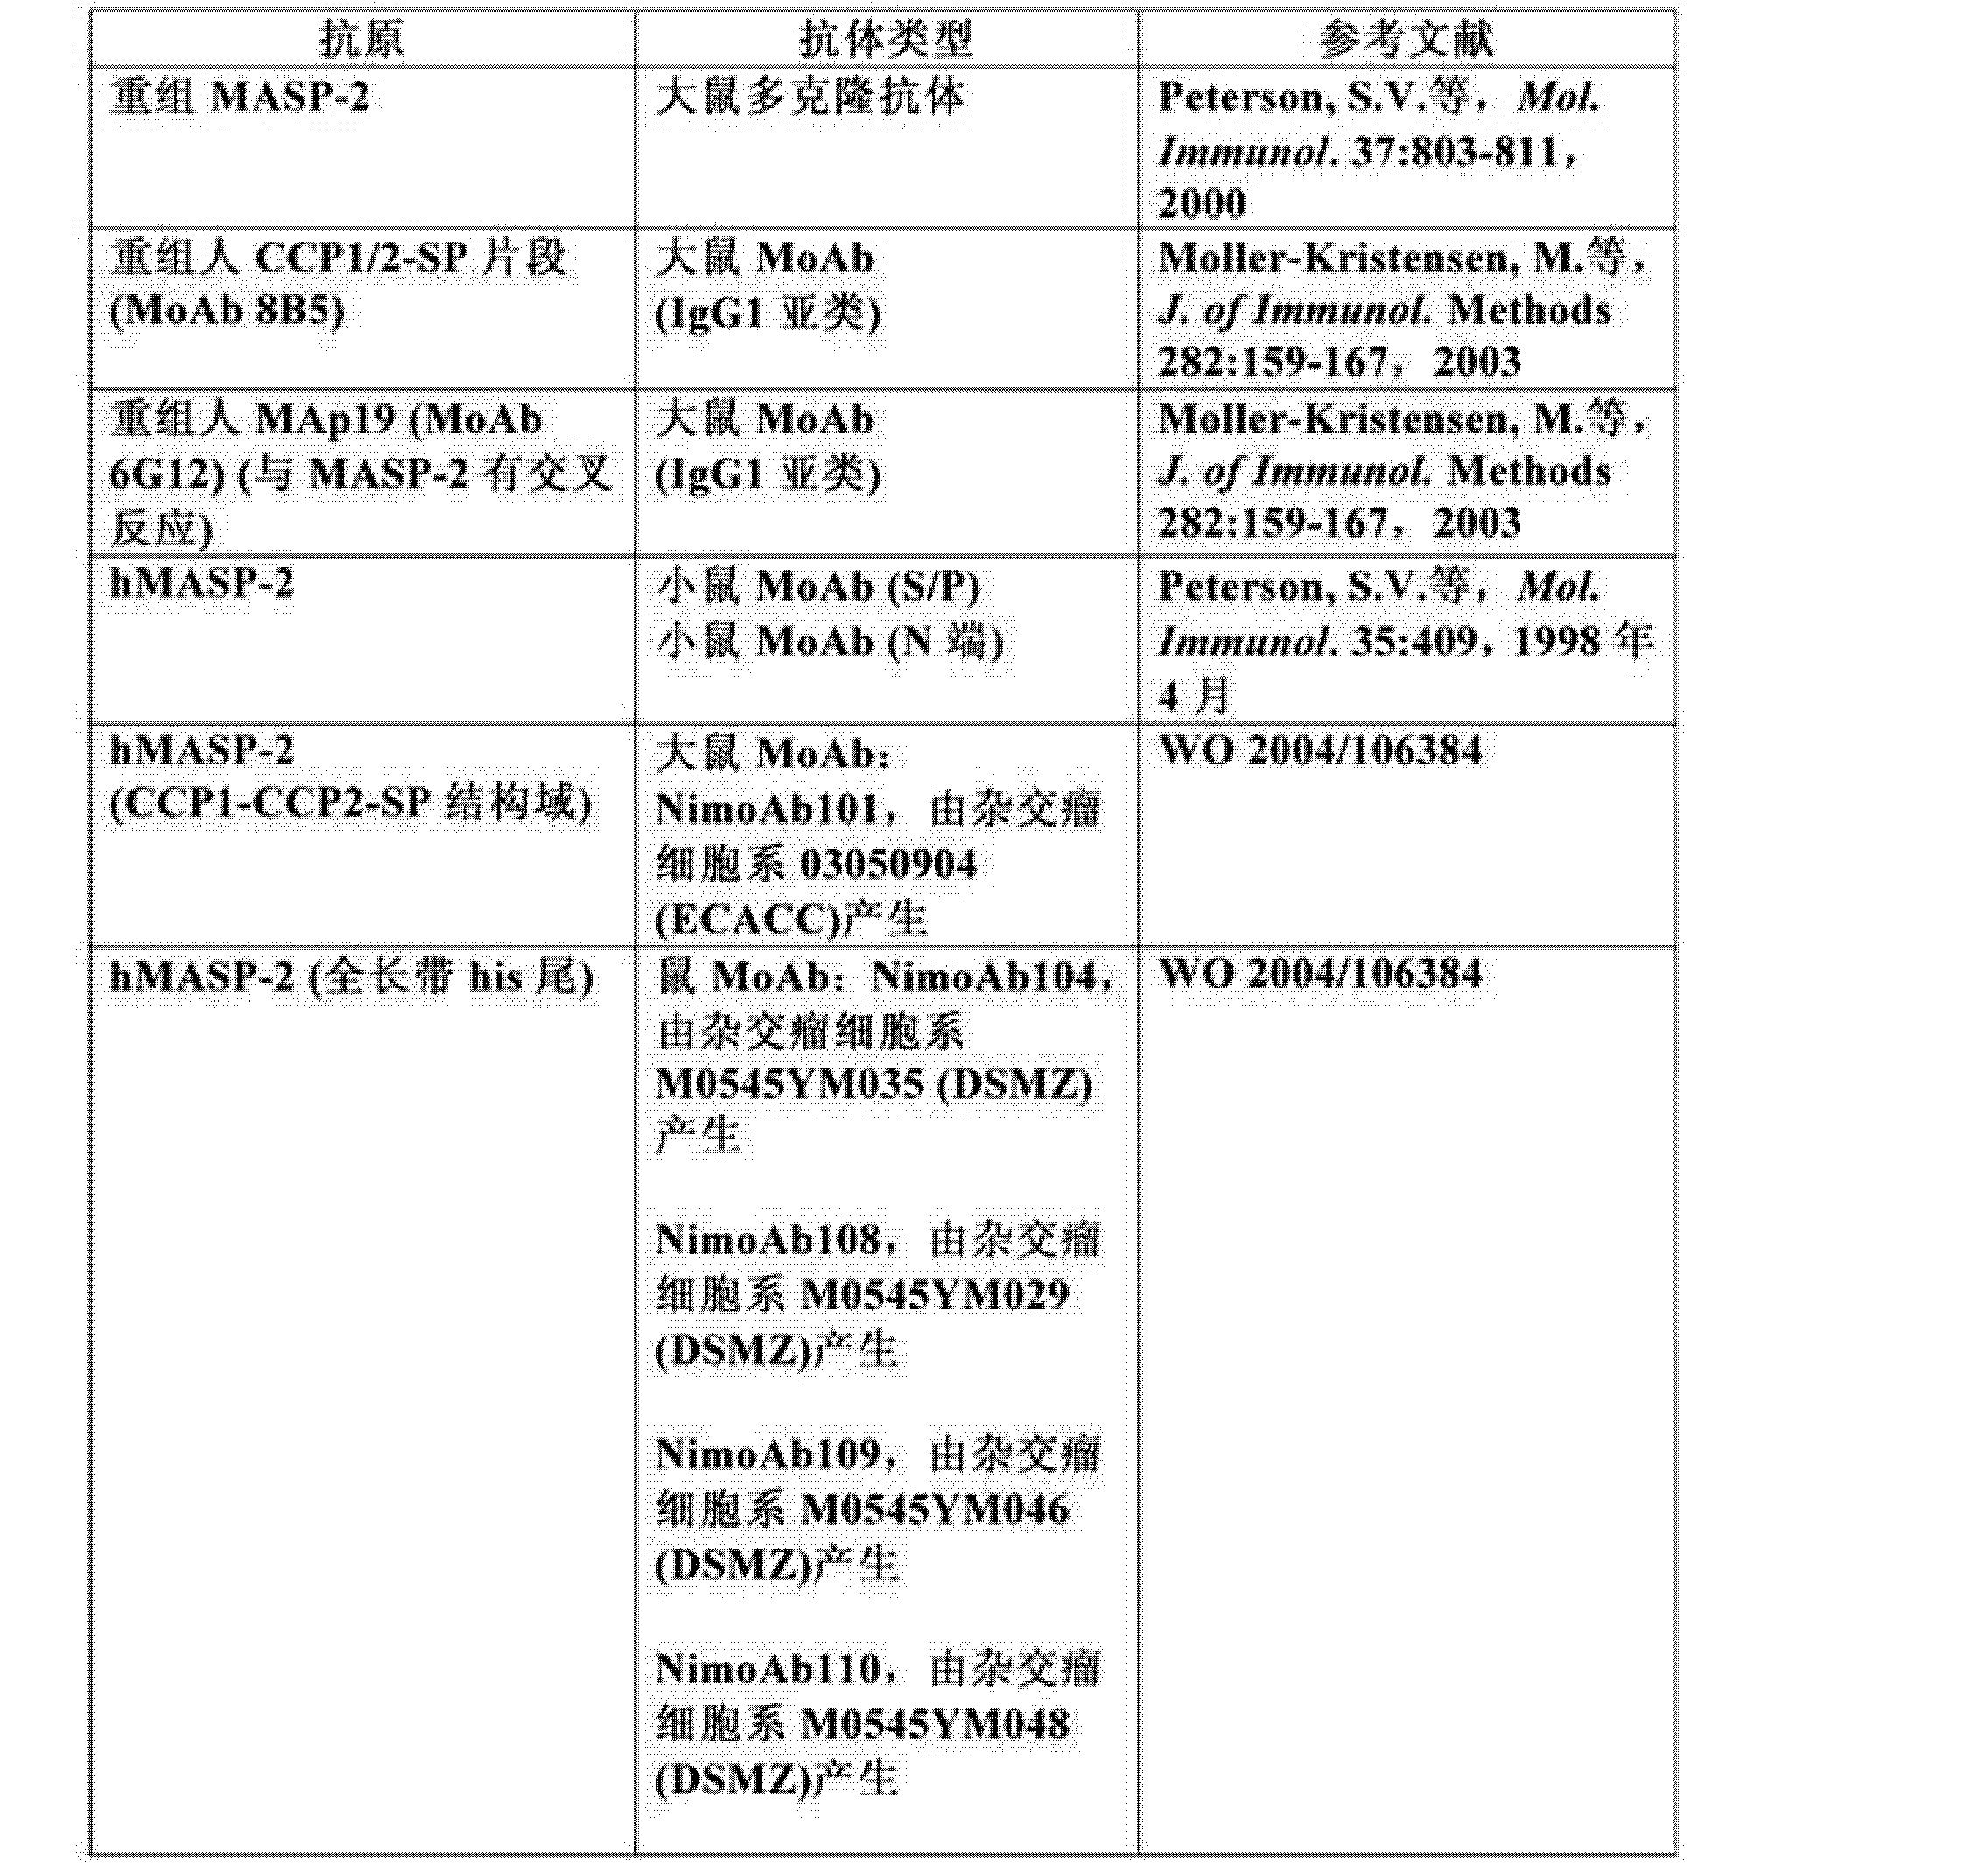 Groß Zahnanatomie Malbuch Galerie - Druckbare Malvorlagen - amaichi.info